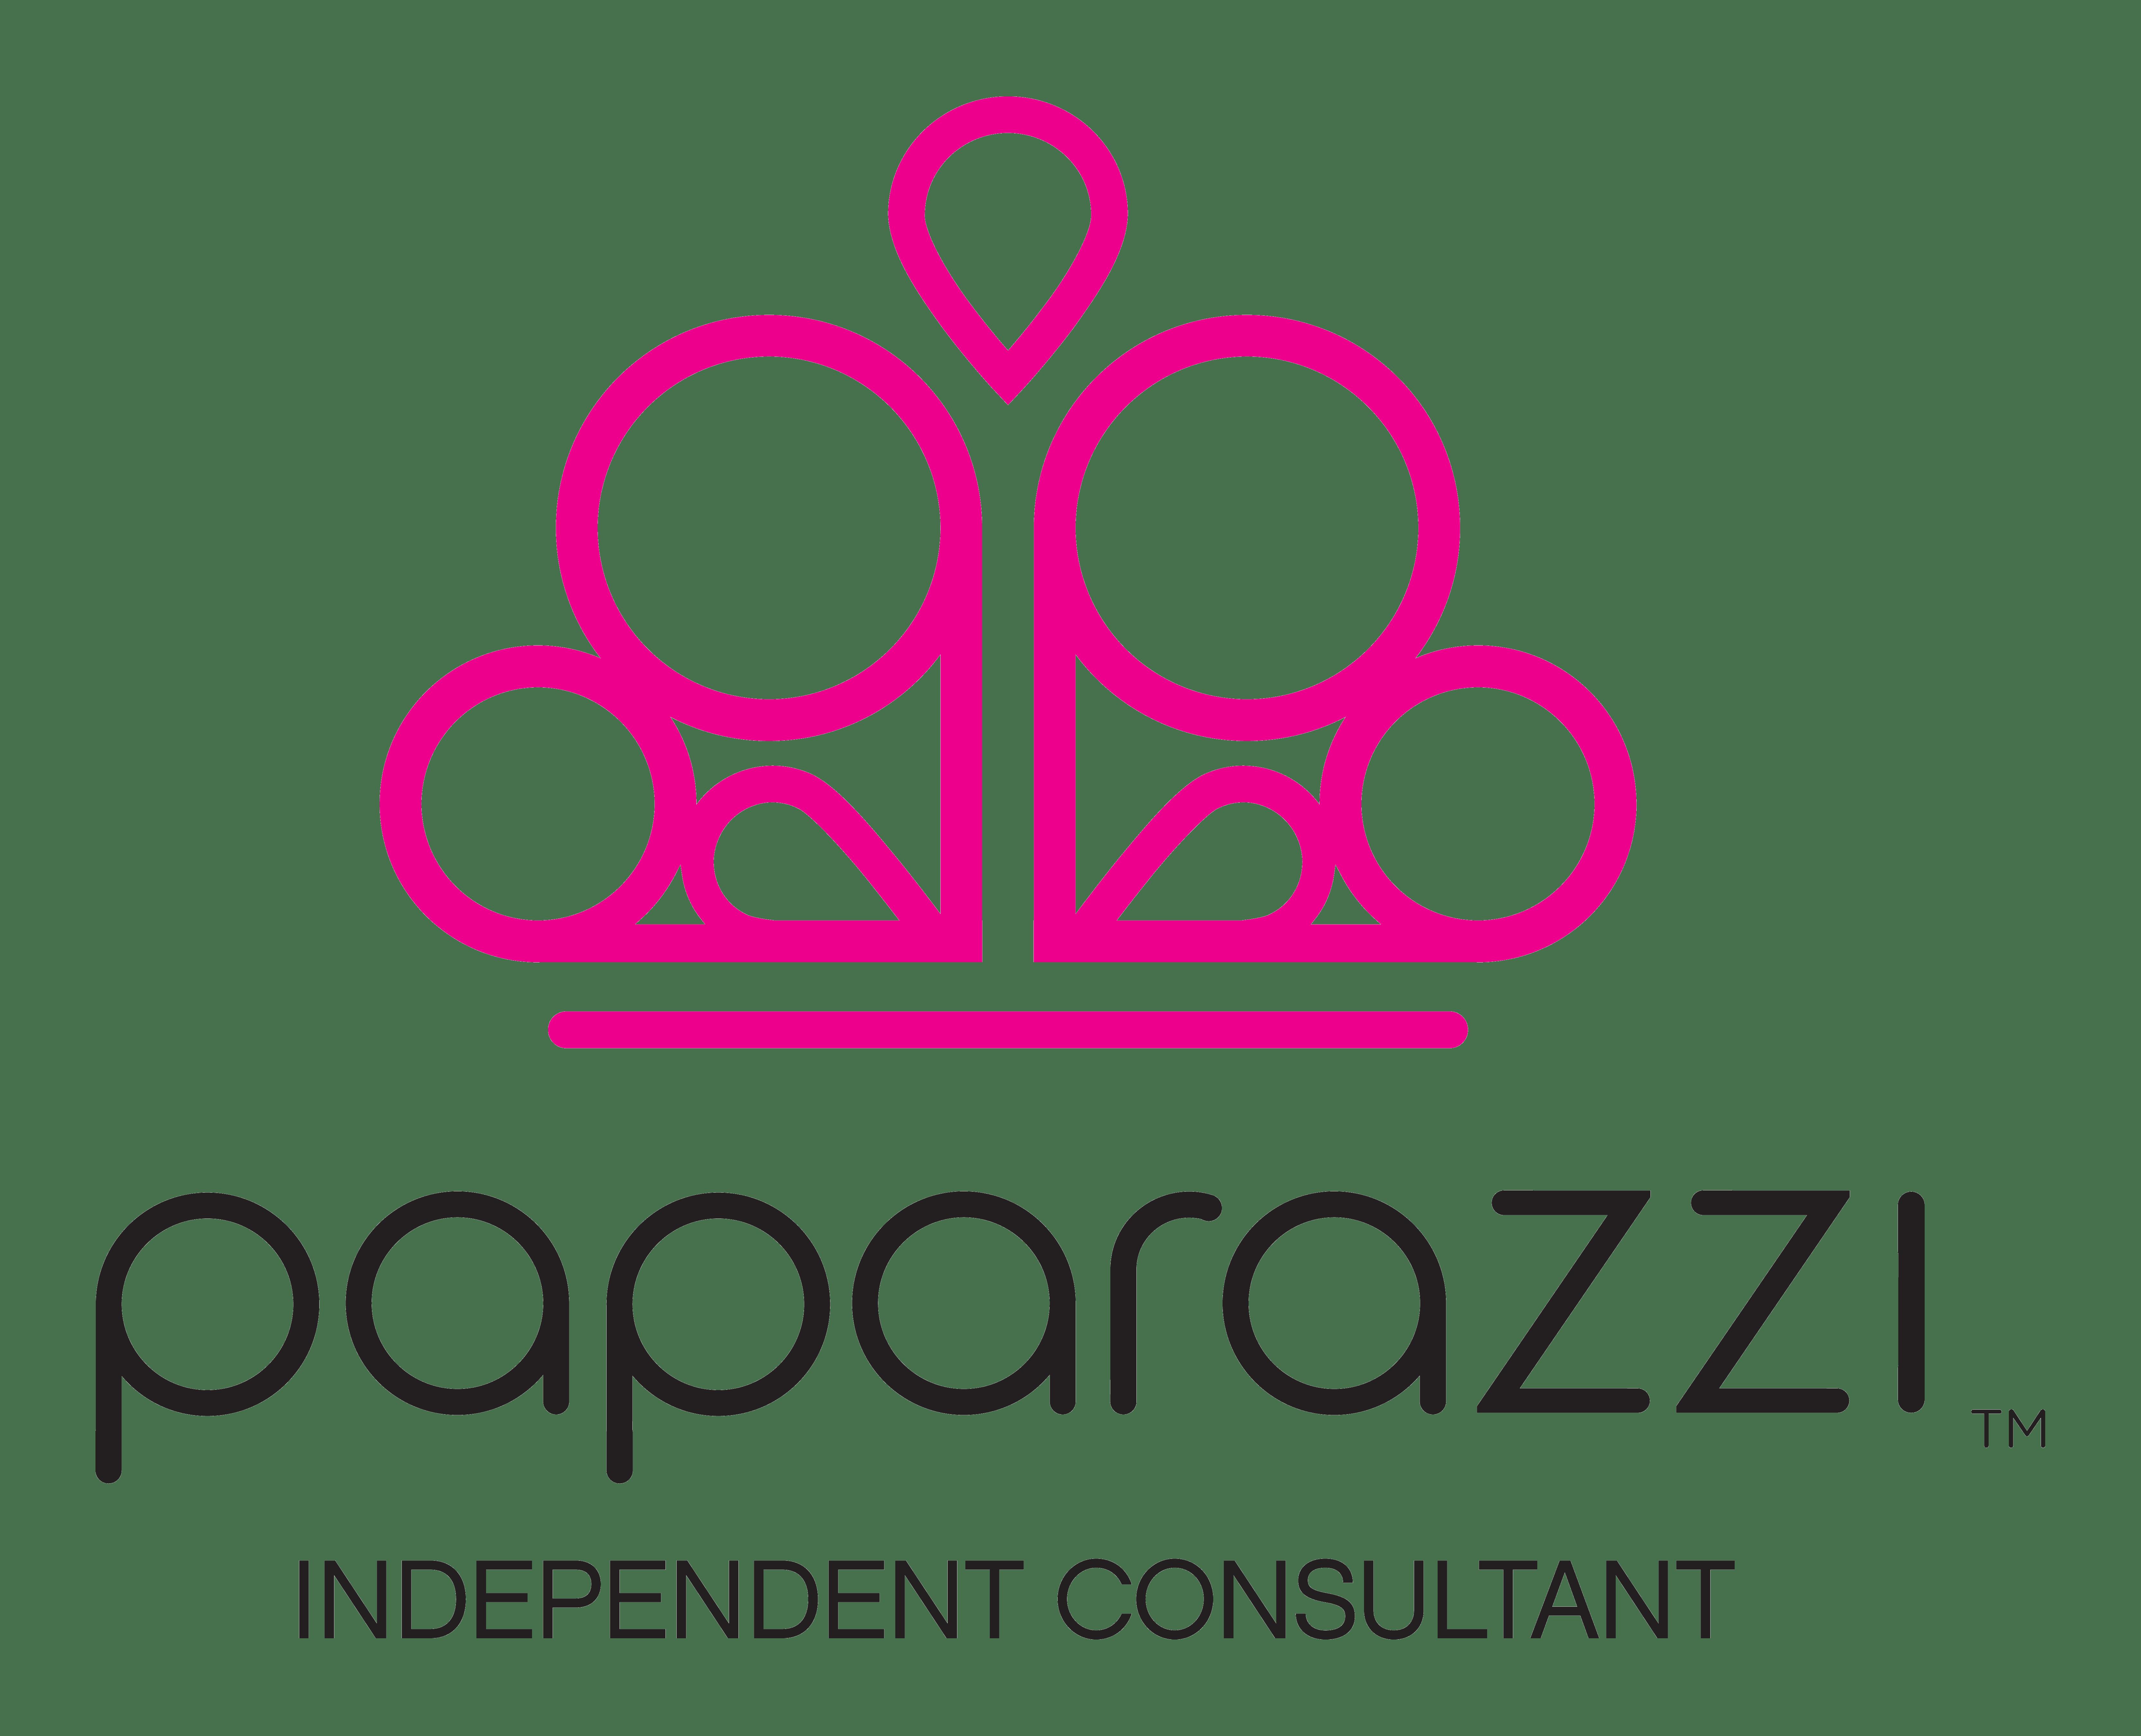 paparazzi accessories logos paparazzi jewelry